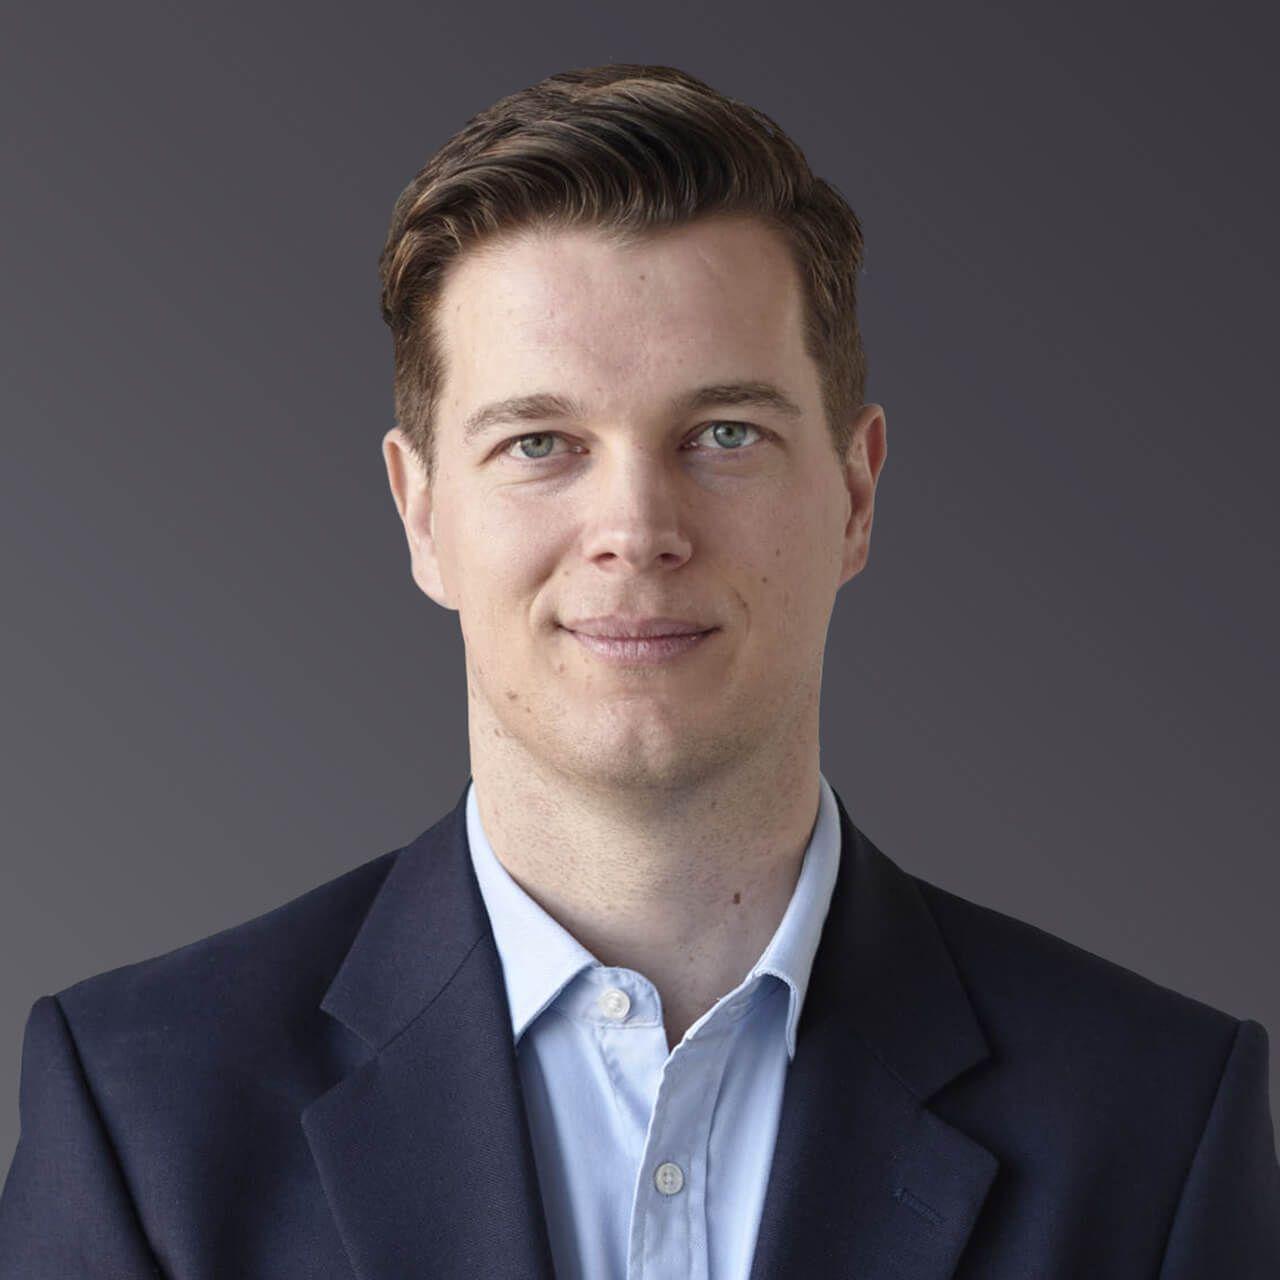 Jonathan Pugh-Smith